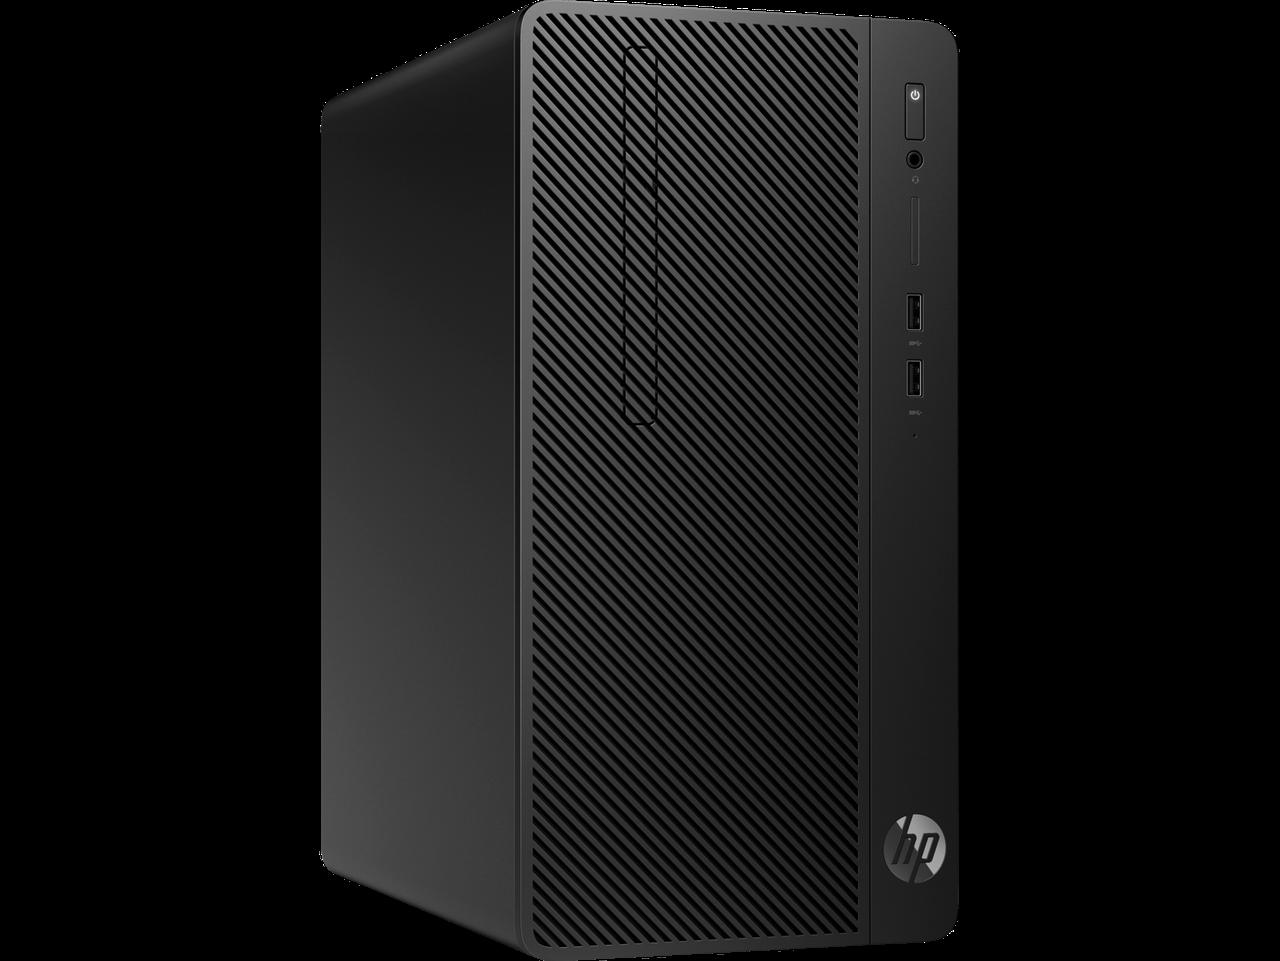 КомпьютерHP 4NU20EA 290 G2 MT i3-8100 1TB 8.0GB DVDRW i3-8100 / 8GB / 1TB HDD / DOS / DVD-WR / 1yw / kbd / mo